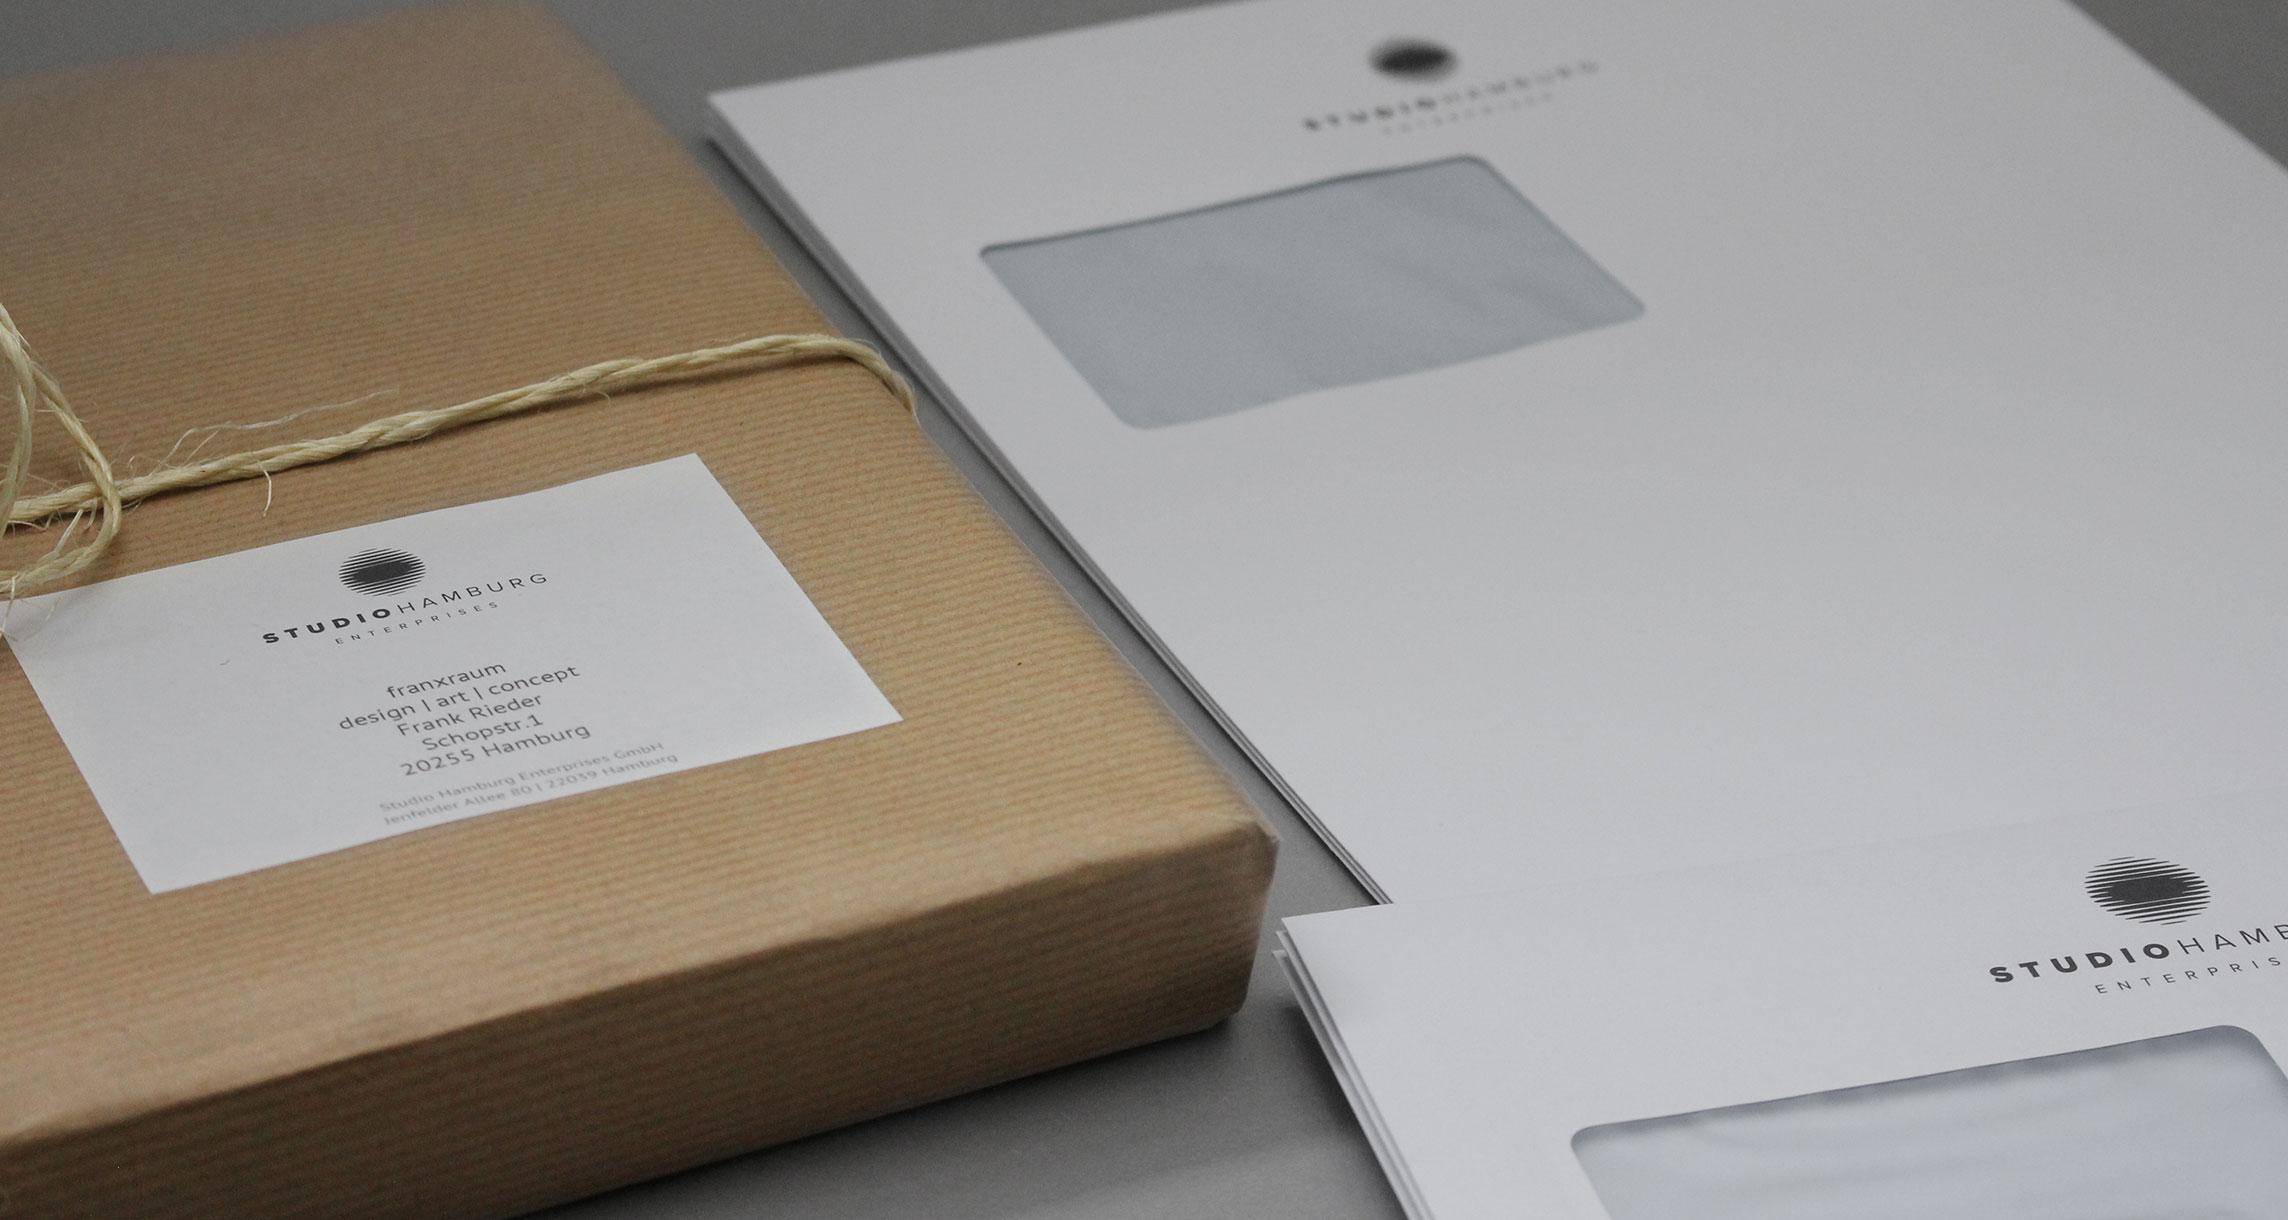 Geschäftsausstattung Studio Hamburg Enterprises: Paketaufkleber und Briefumschlag DIN lang und C4